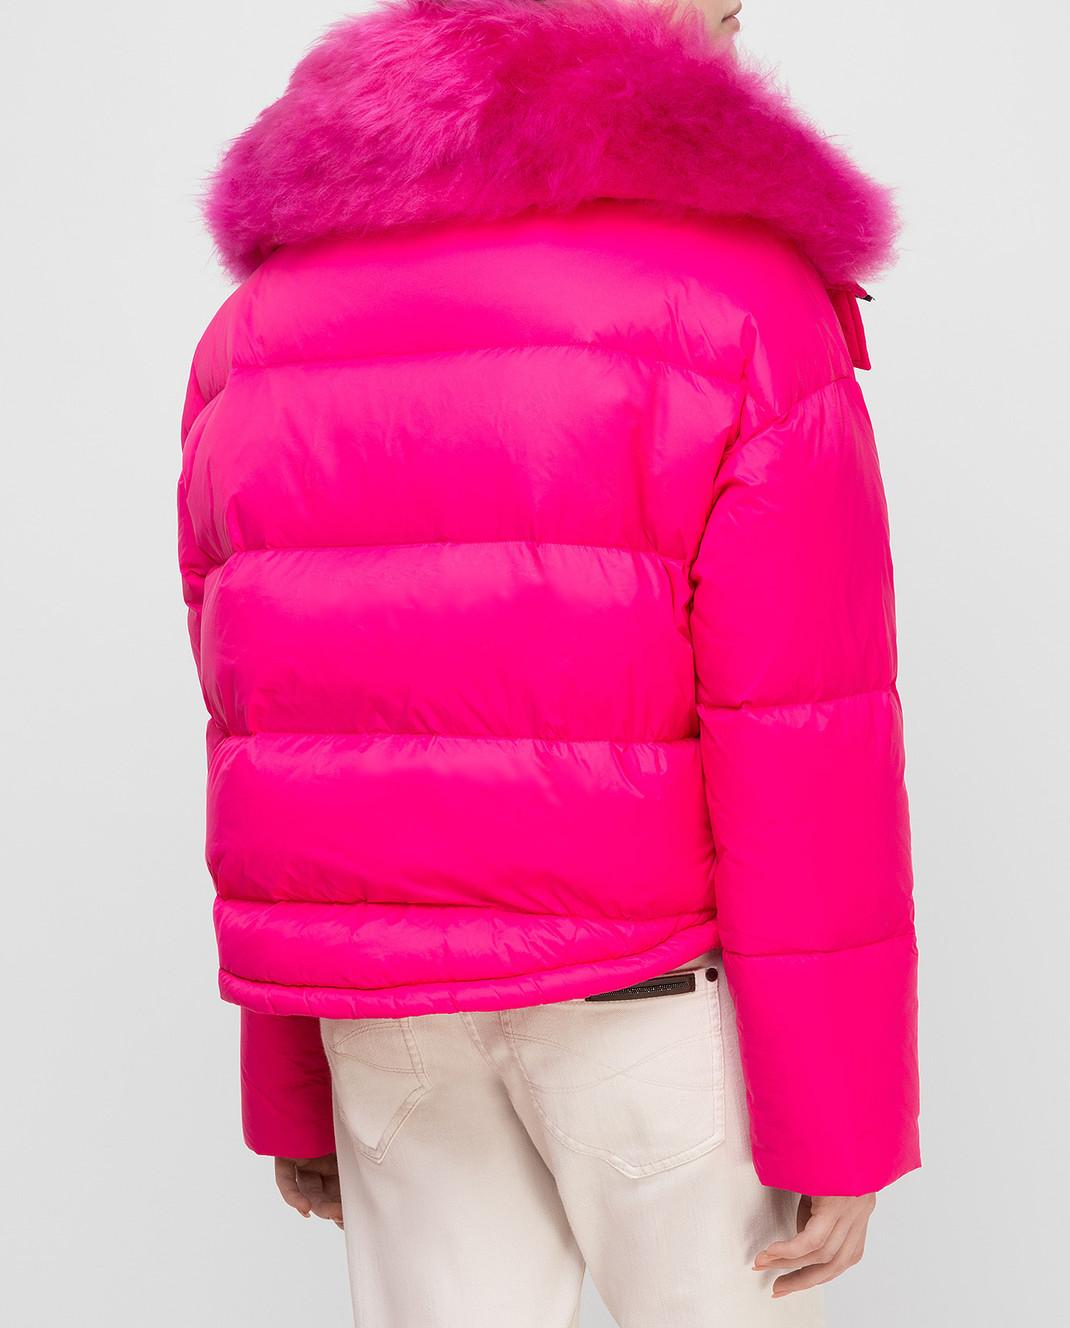 Yves Salomon Army Розовый пуховик с мехом ягненка изображение 4